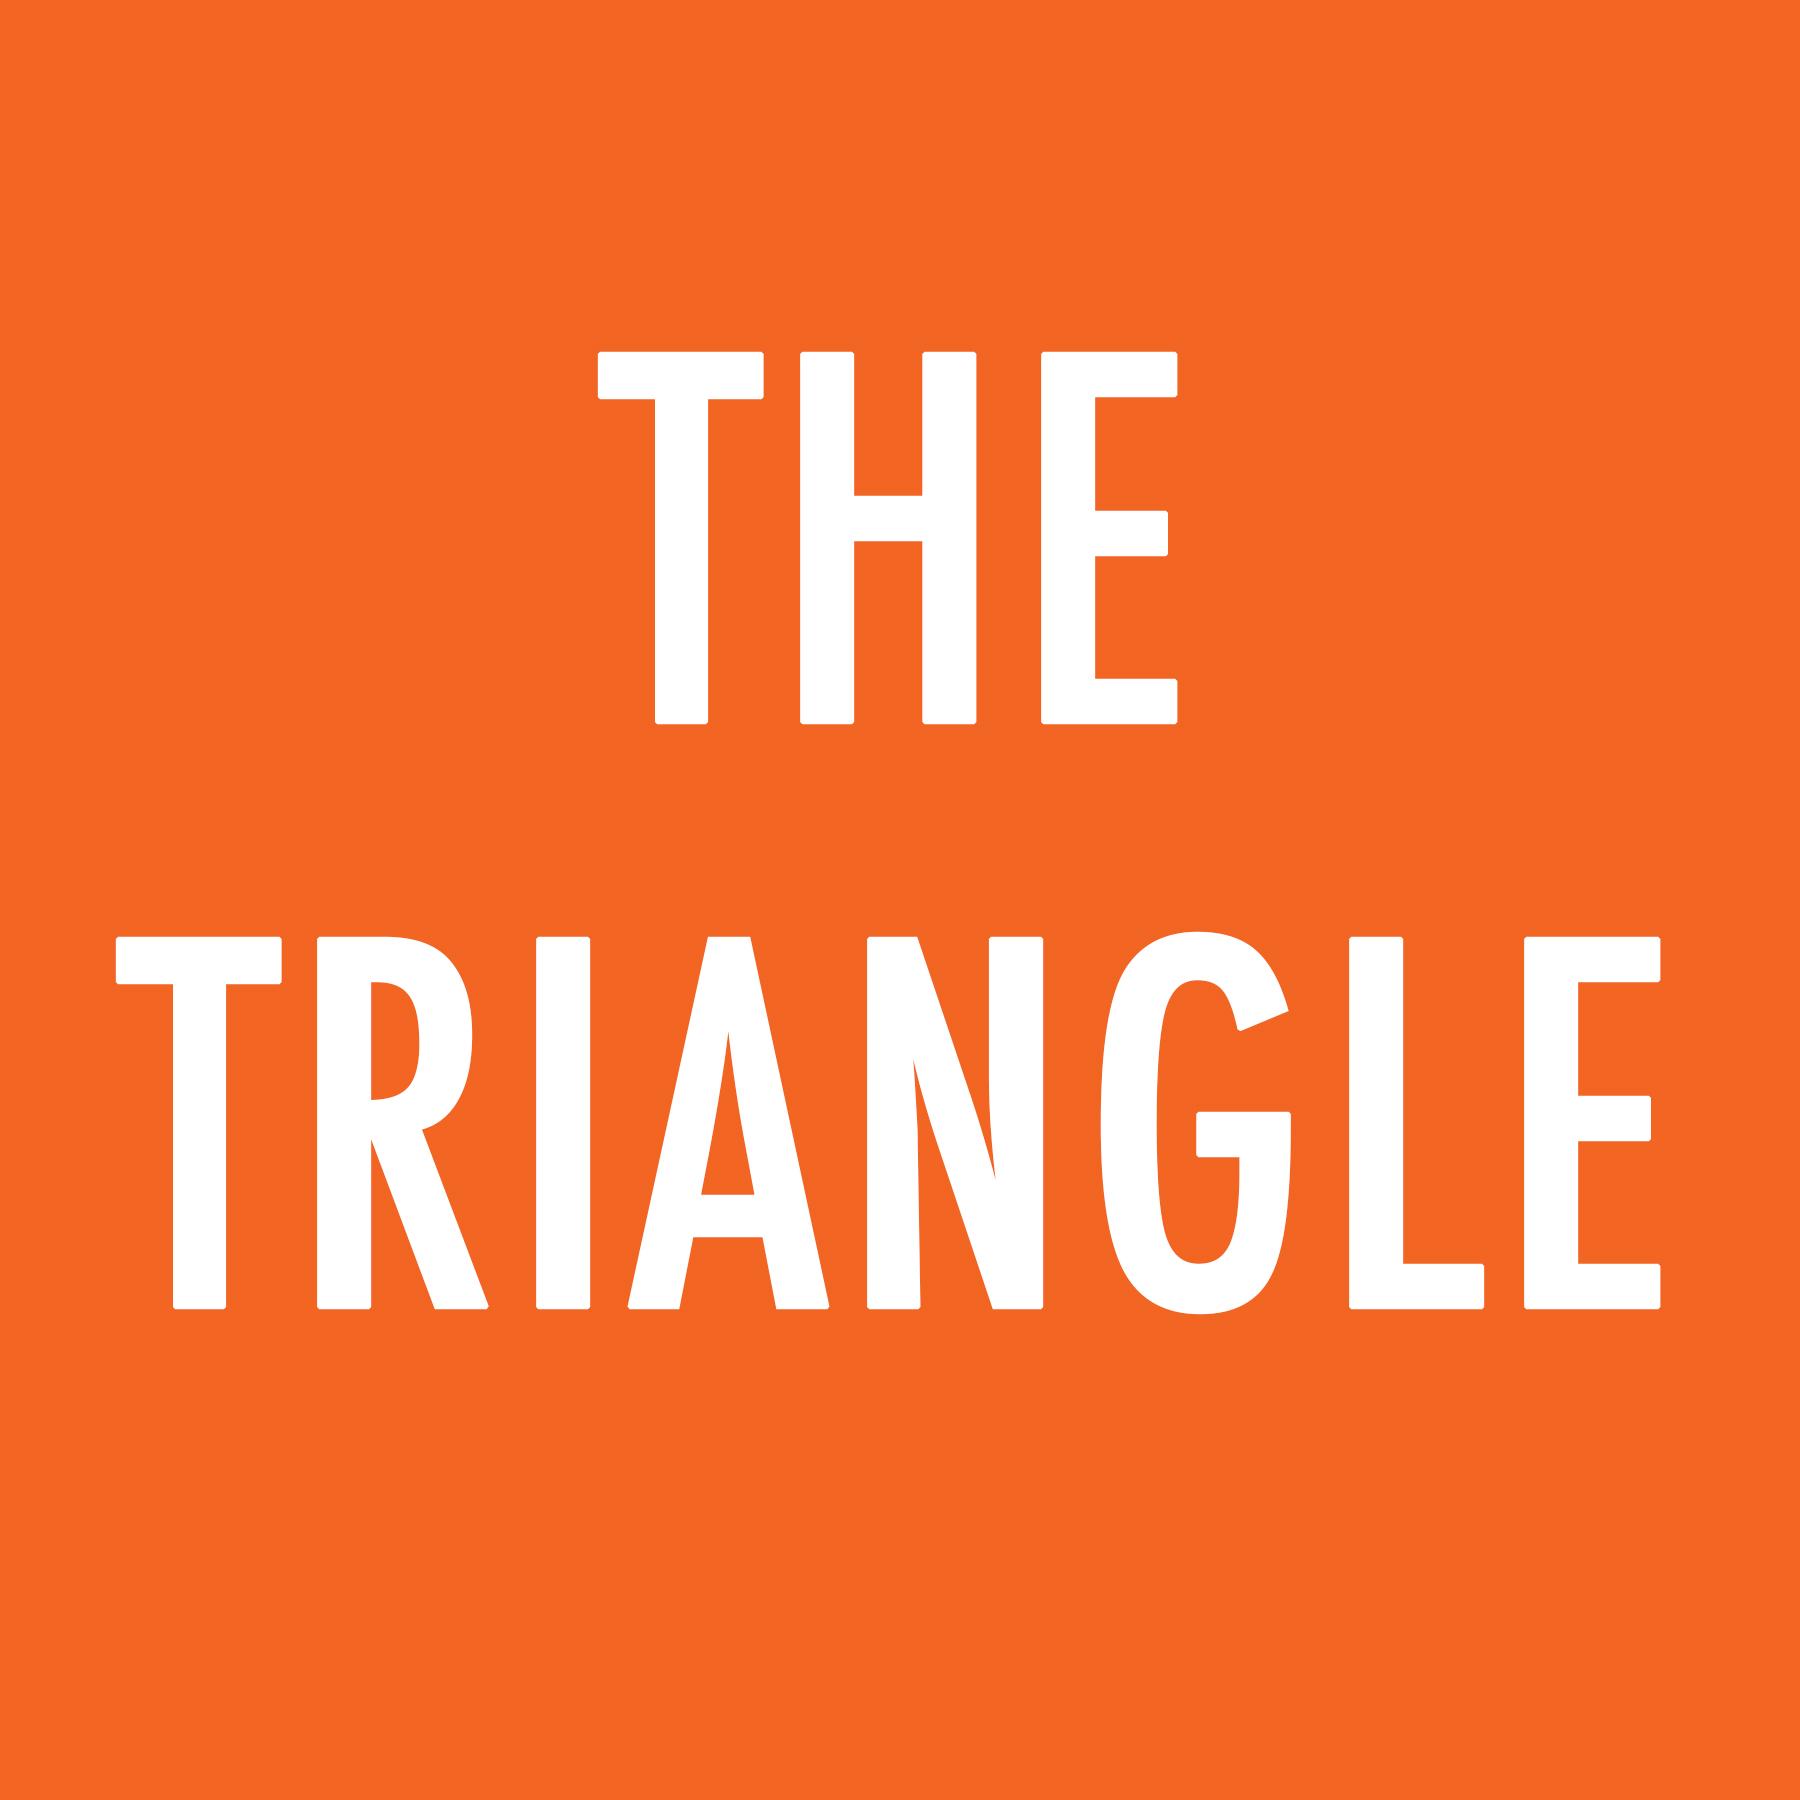 TheTriangle.jpg